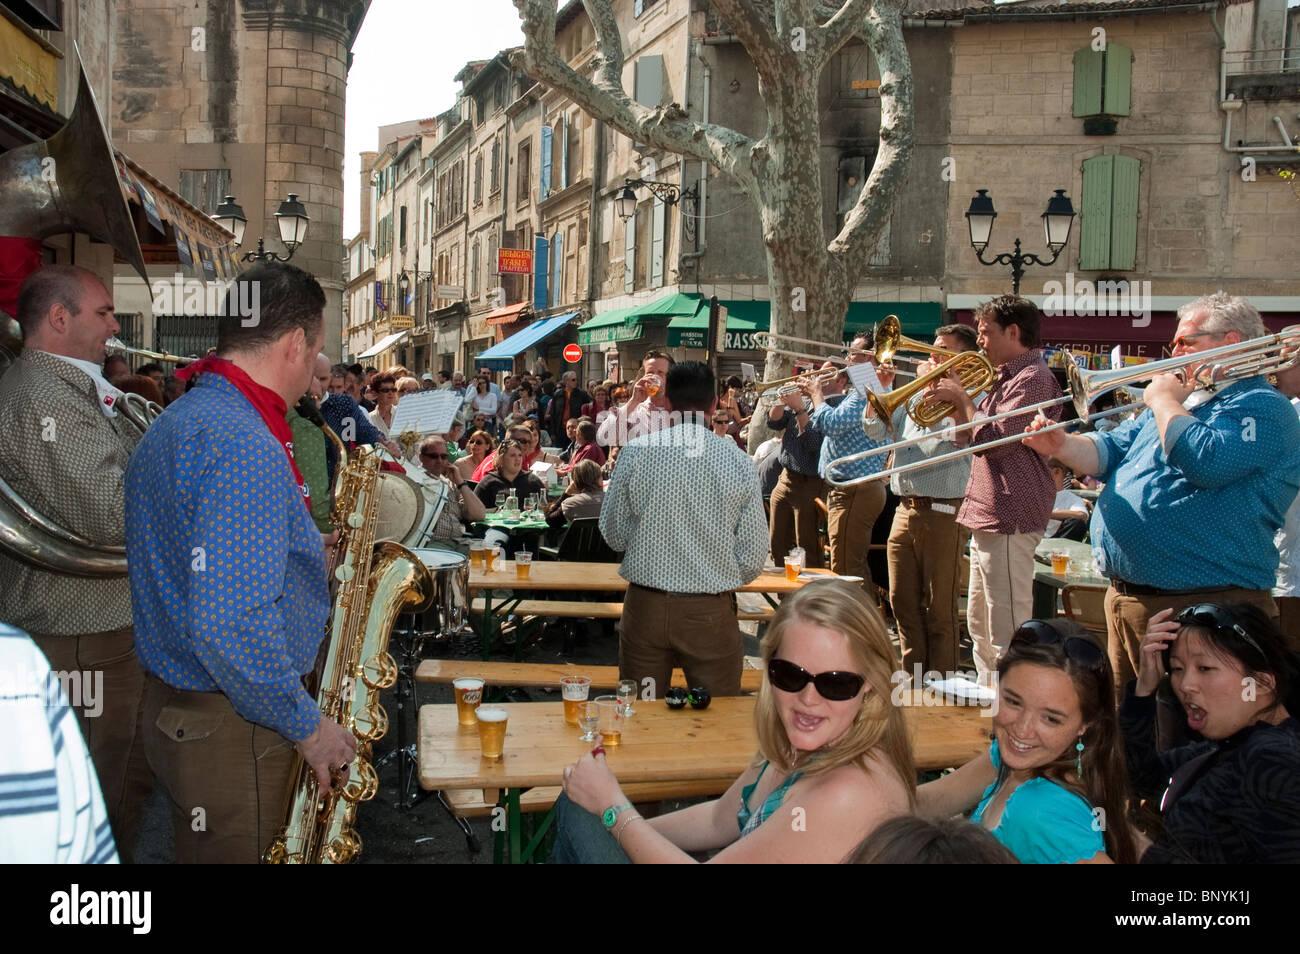 Arles, Frankreich - Teenager trinken Außenterrasse, in traditionellen Provincial-Französisch-Cafe-Bar Stockbild